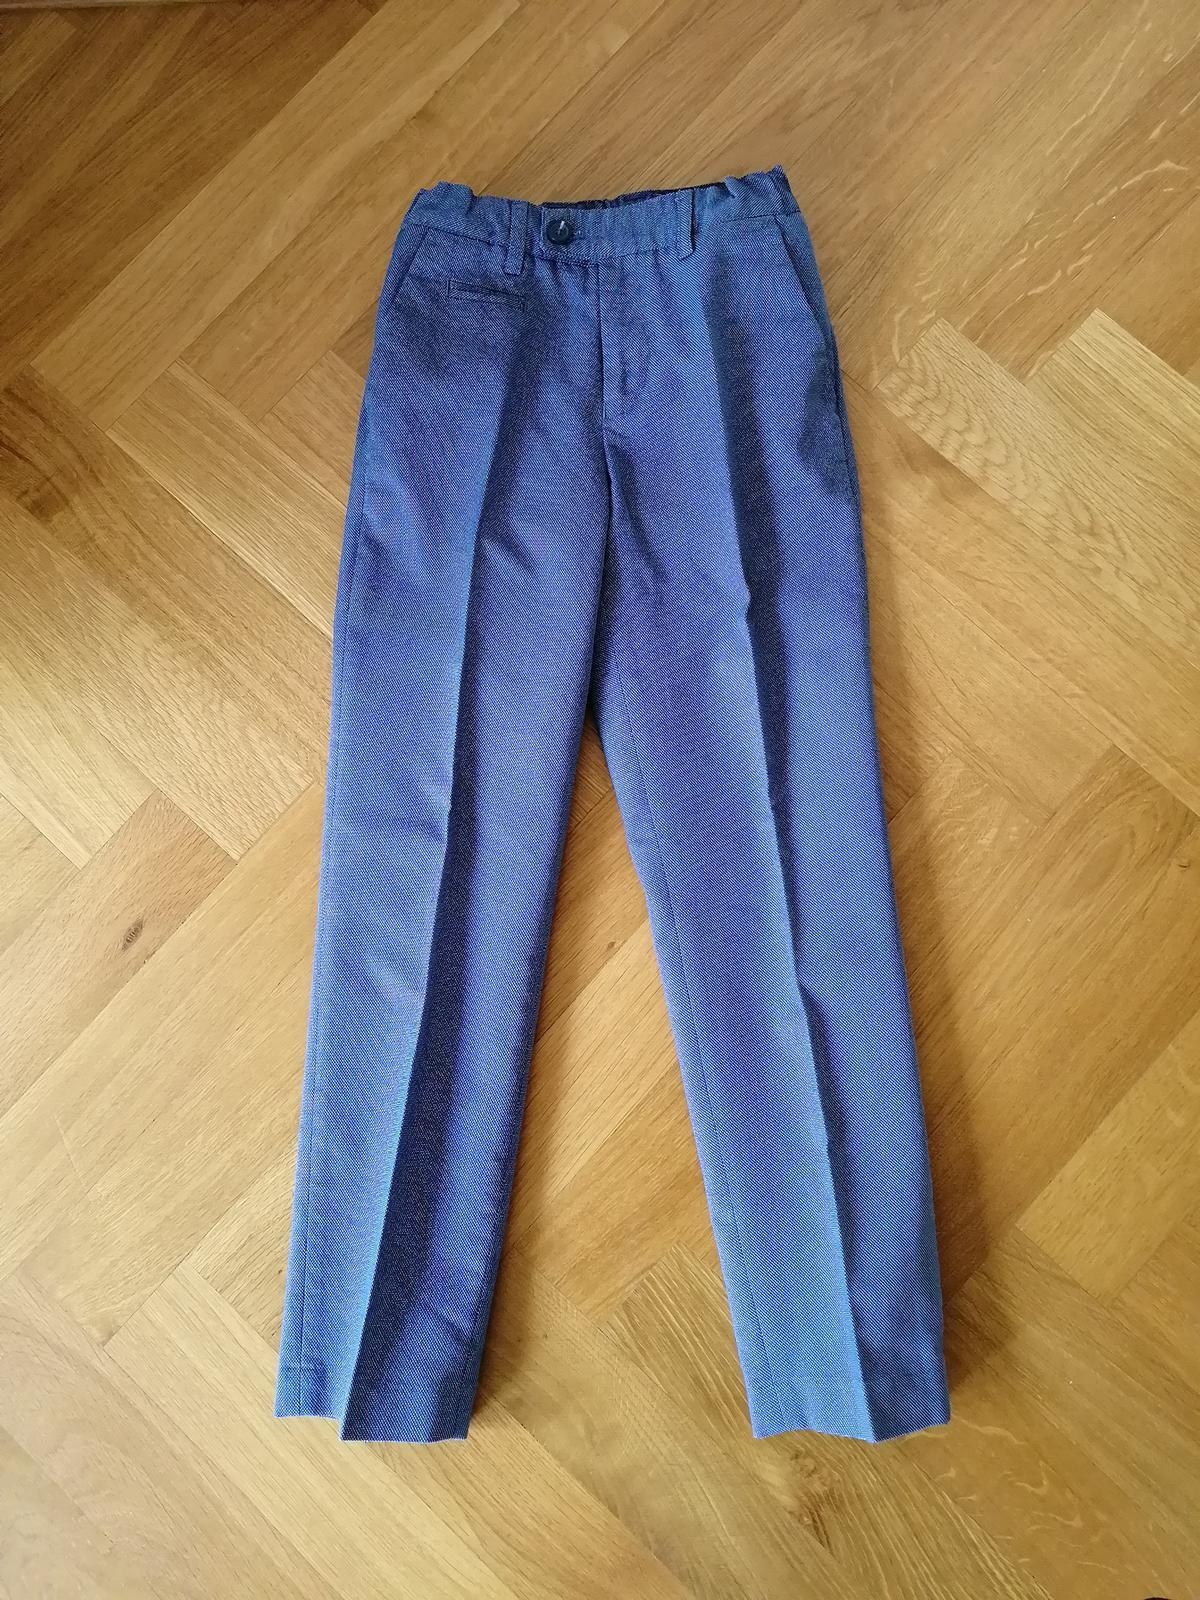 Chlapecké kalhoty 134 - Obrázek č. 1